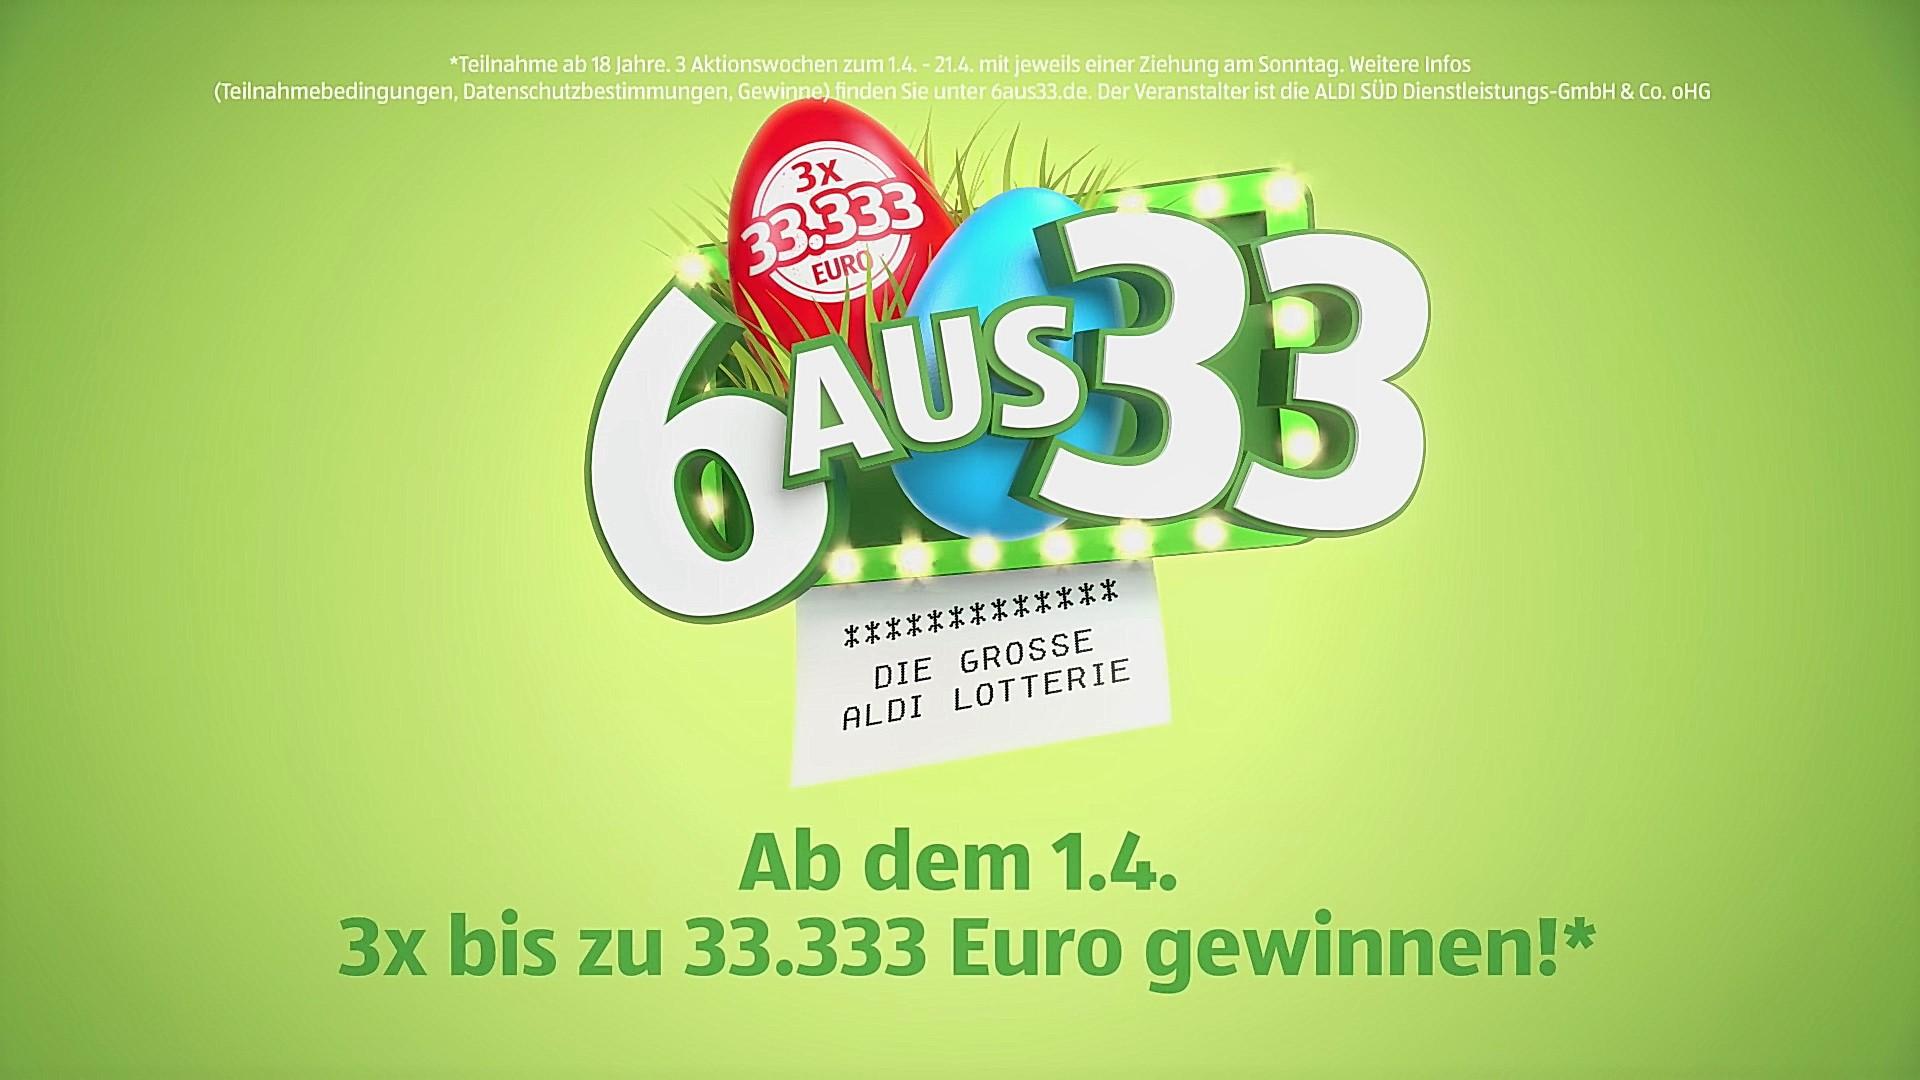 Aldi Lotterie